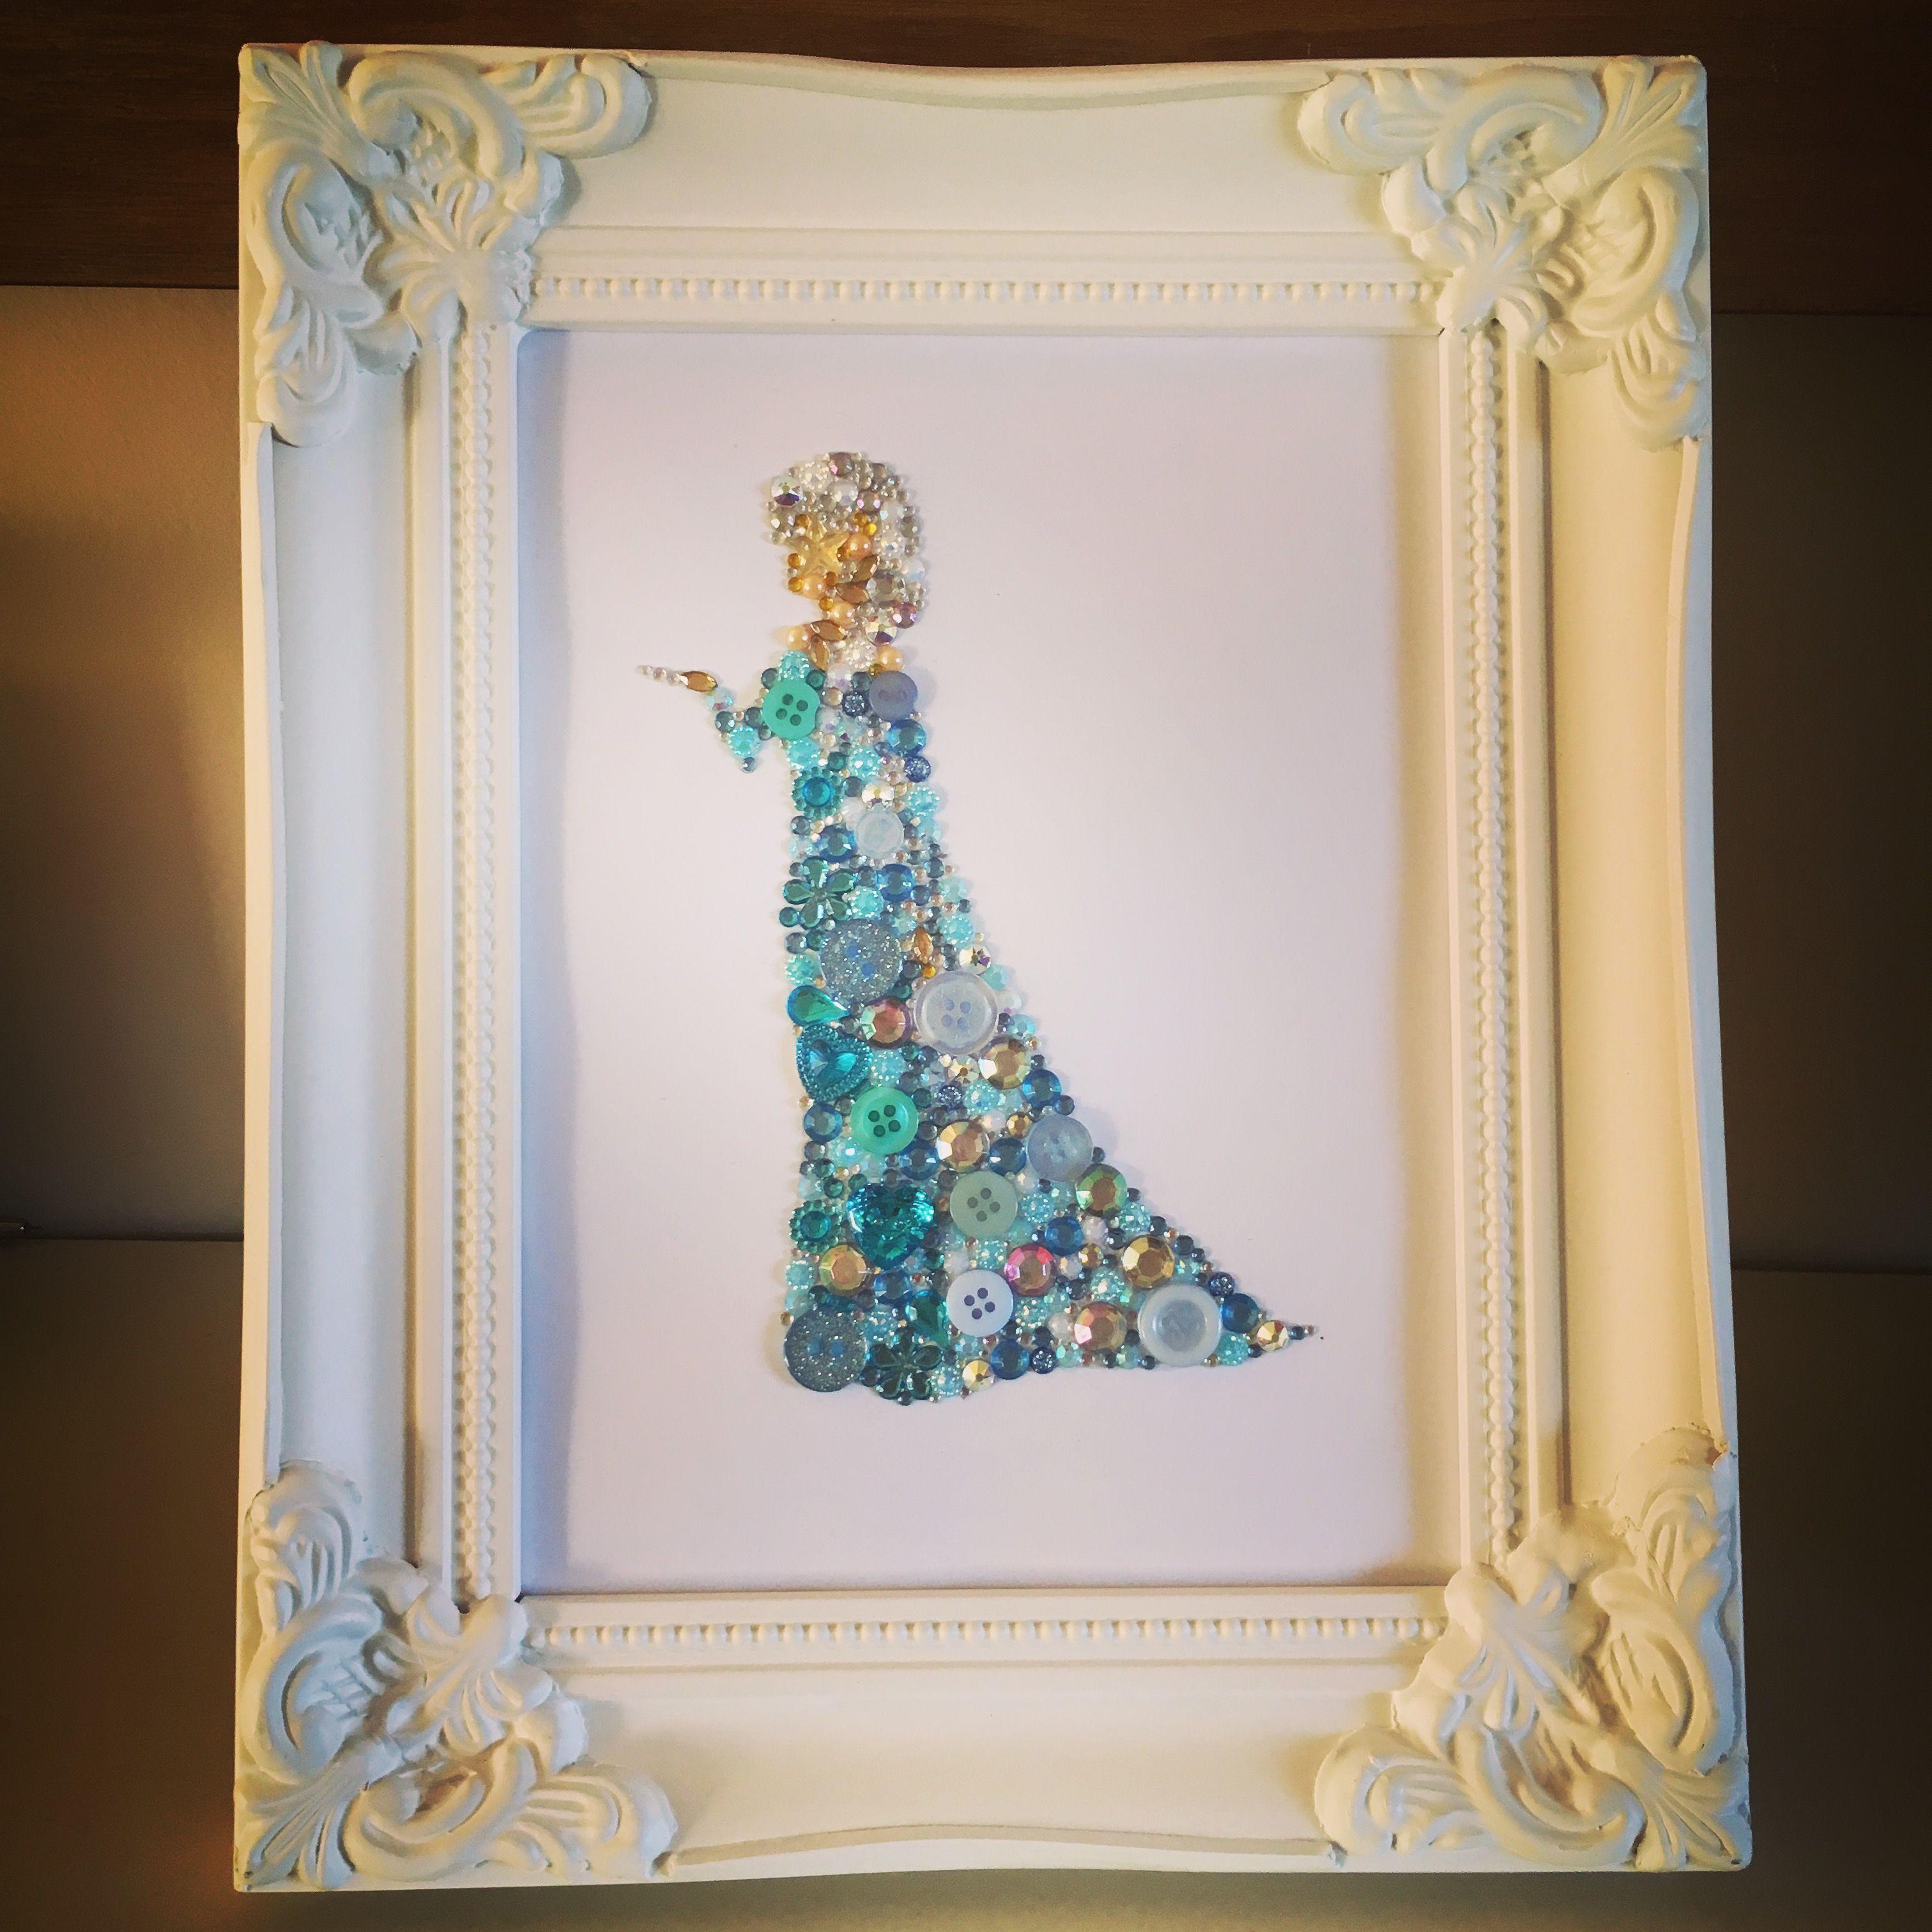 Queen Elsa ! By www.facebook.com/theshabbychicgeek. Handmade personalised gifts. Swarovski crystals & button frame. Button art. Frozen Disney gifts. #queenelsa #swarovski